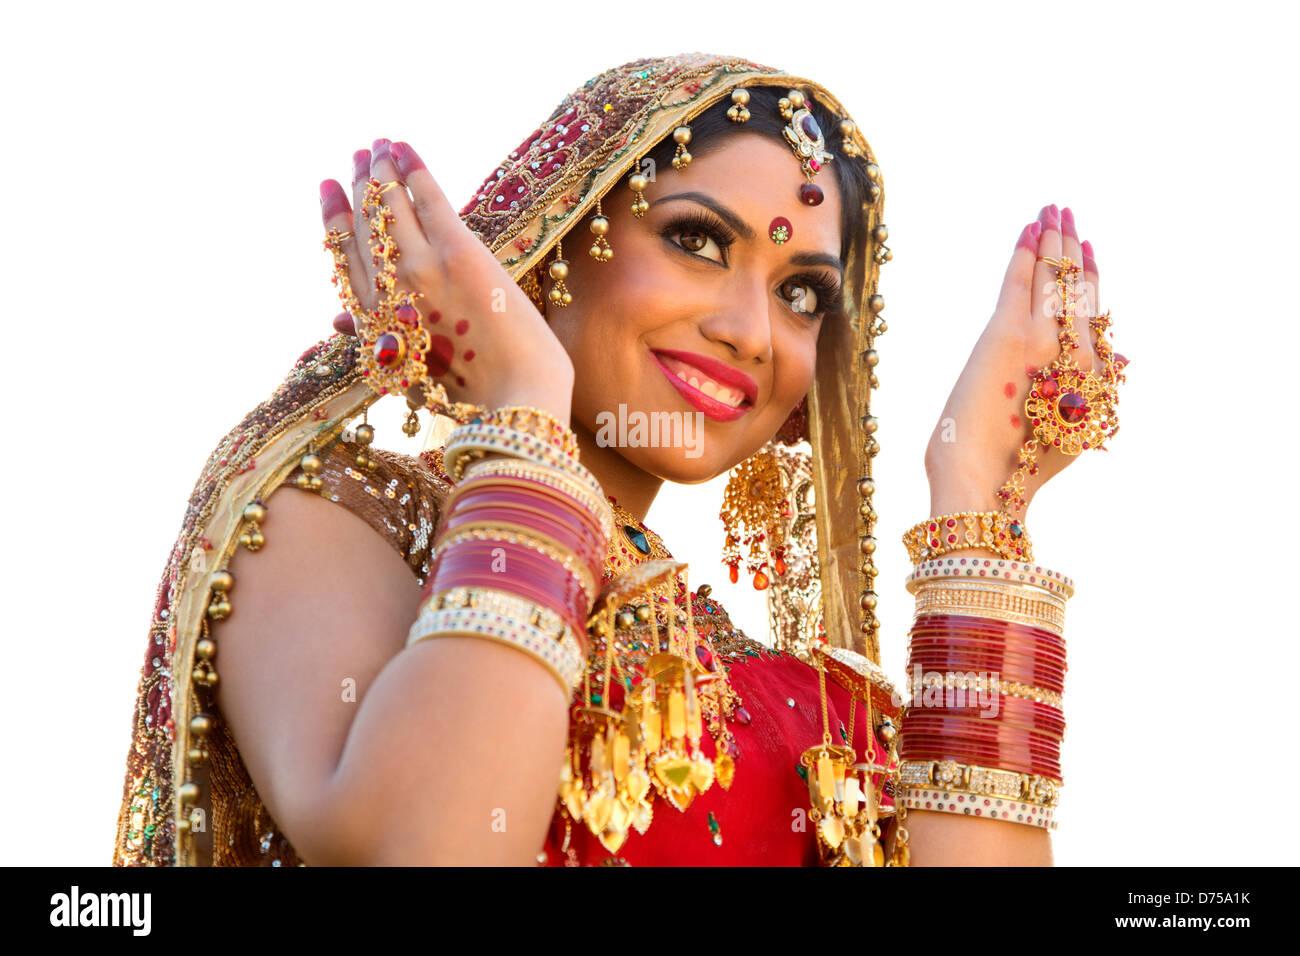 Nett Indian Braut Brautkleid Ideen - Hochzeit Kleid Stile Ideen ...